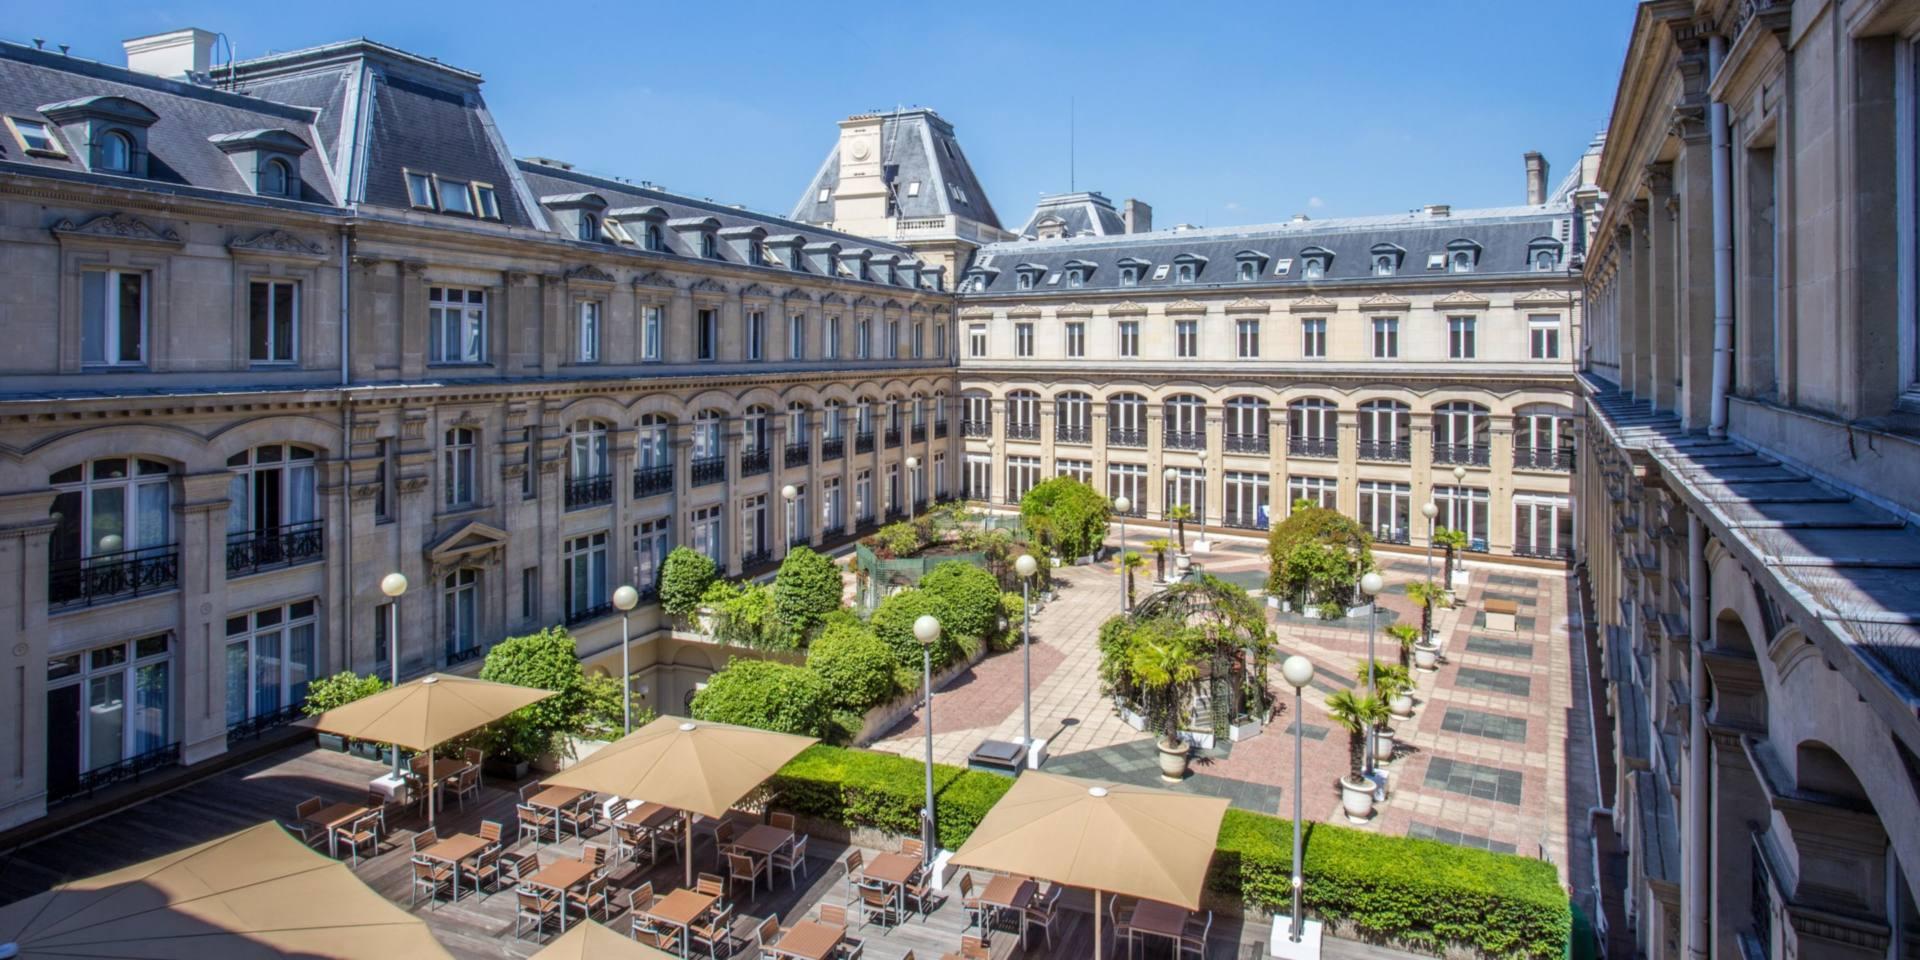 ATHANOR-conception-suivi-realisation-projet-immobilier-crowne-plaza-paris-2